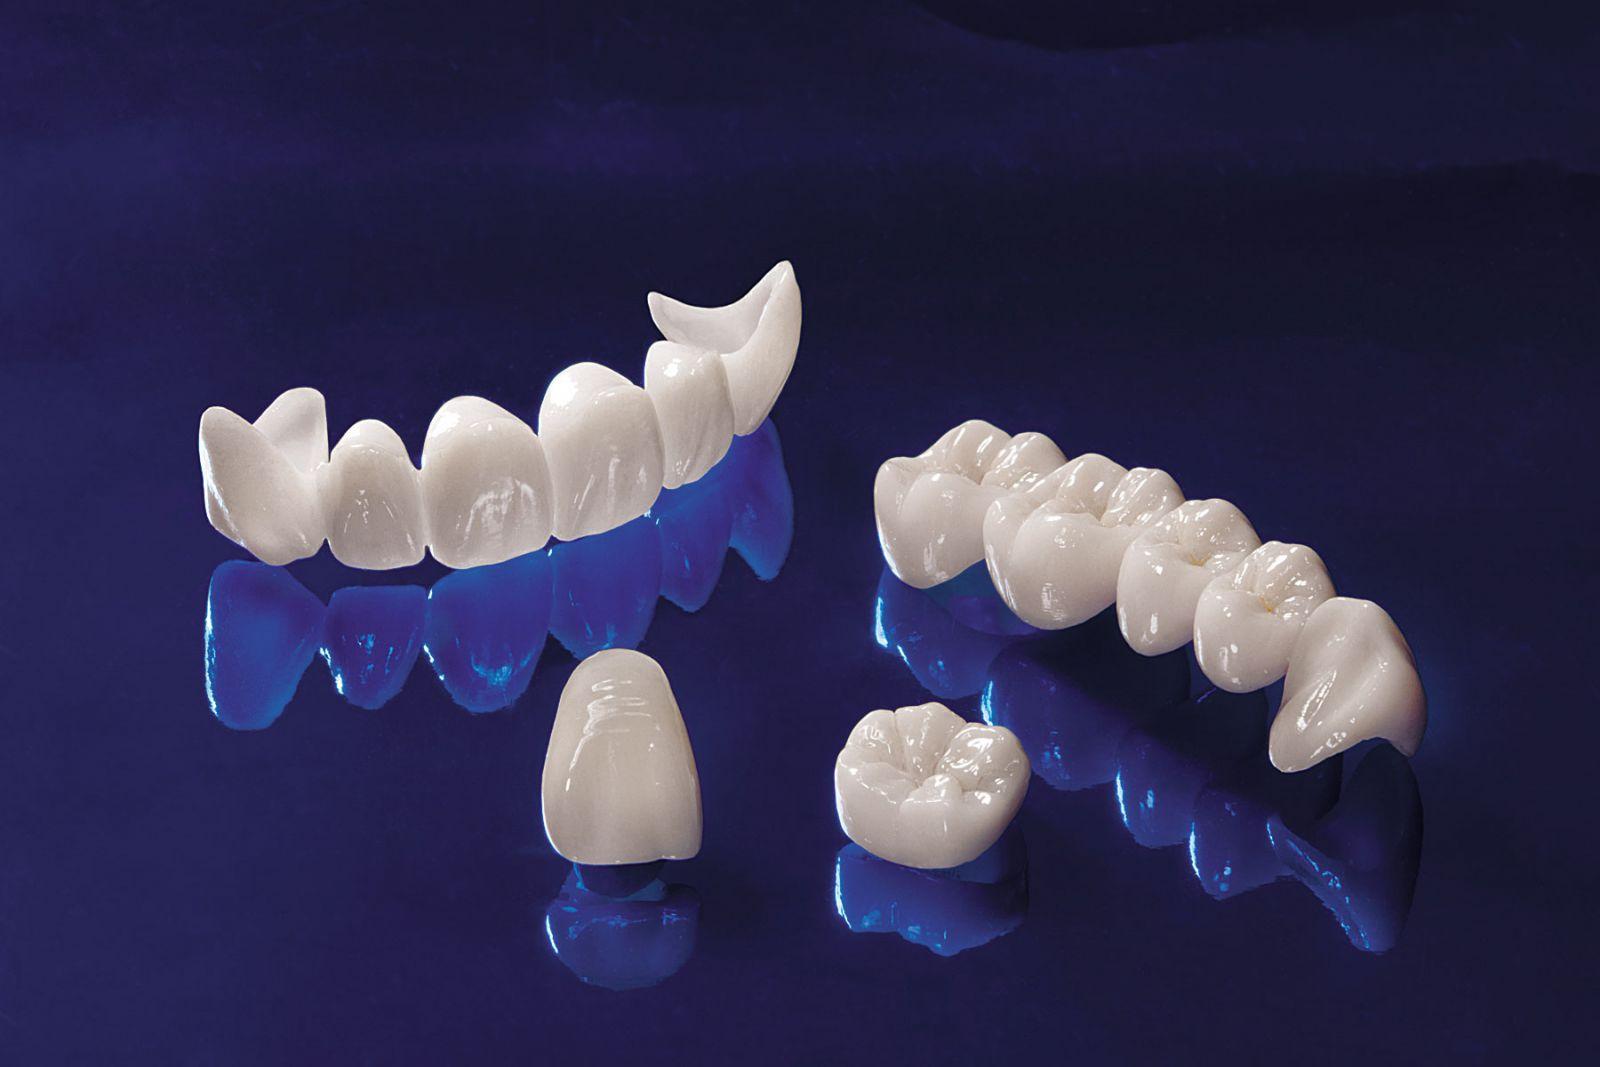 Bọc răng sứ đã trở thành một phương pháp thẩm mỹ được ưa chuộng hiện nay